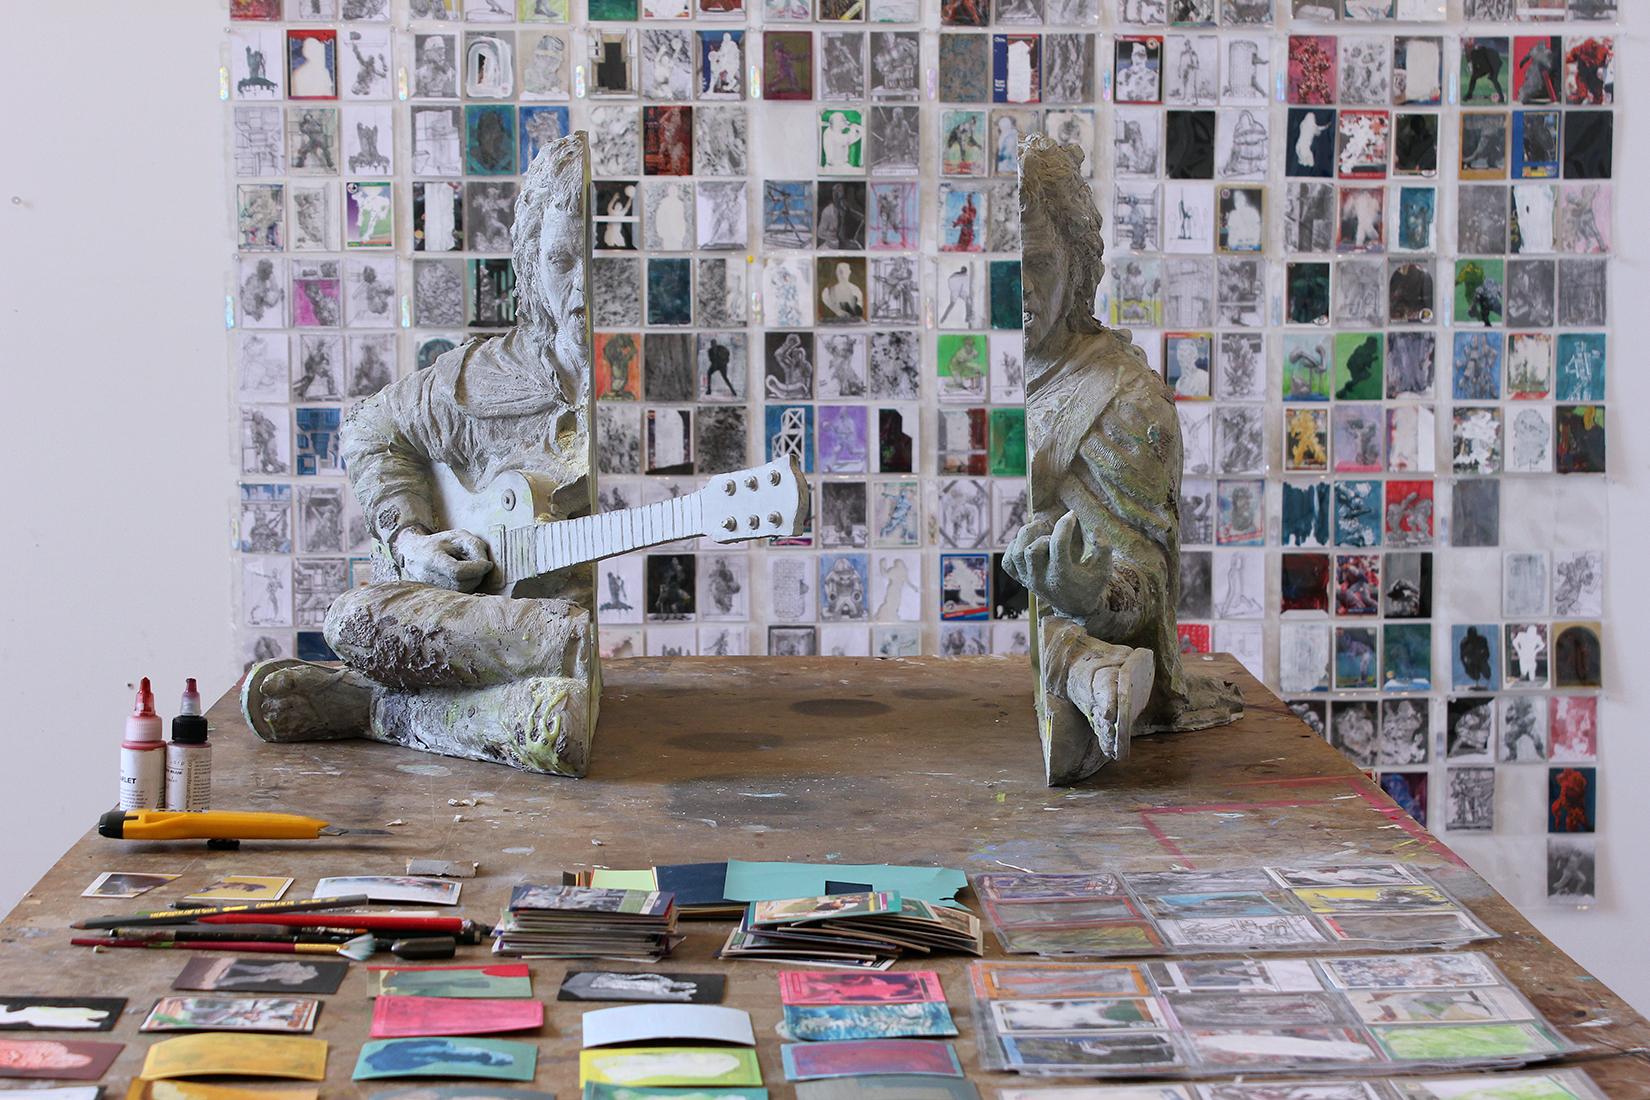 """Norm Paris Studio;Featured Work (Center): """"Geode (Roky Erickson),"""" 2016; gypsum, resin, pigment, bronze powder, 33 x 27 x 19.25 inches"""